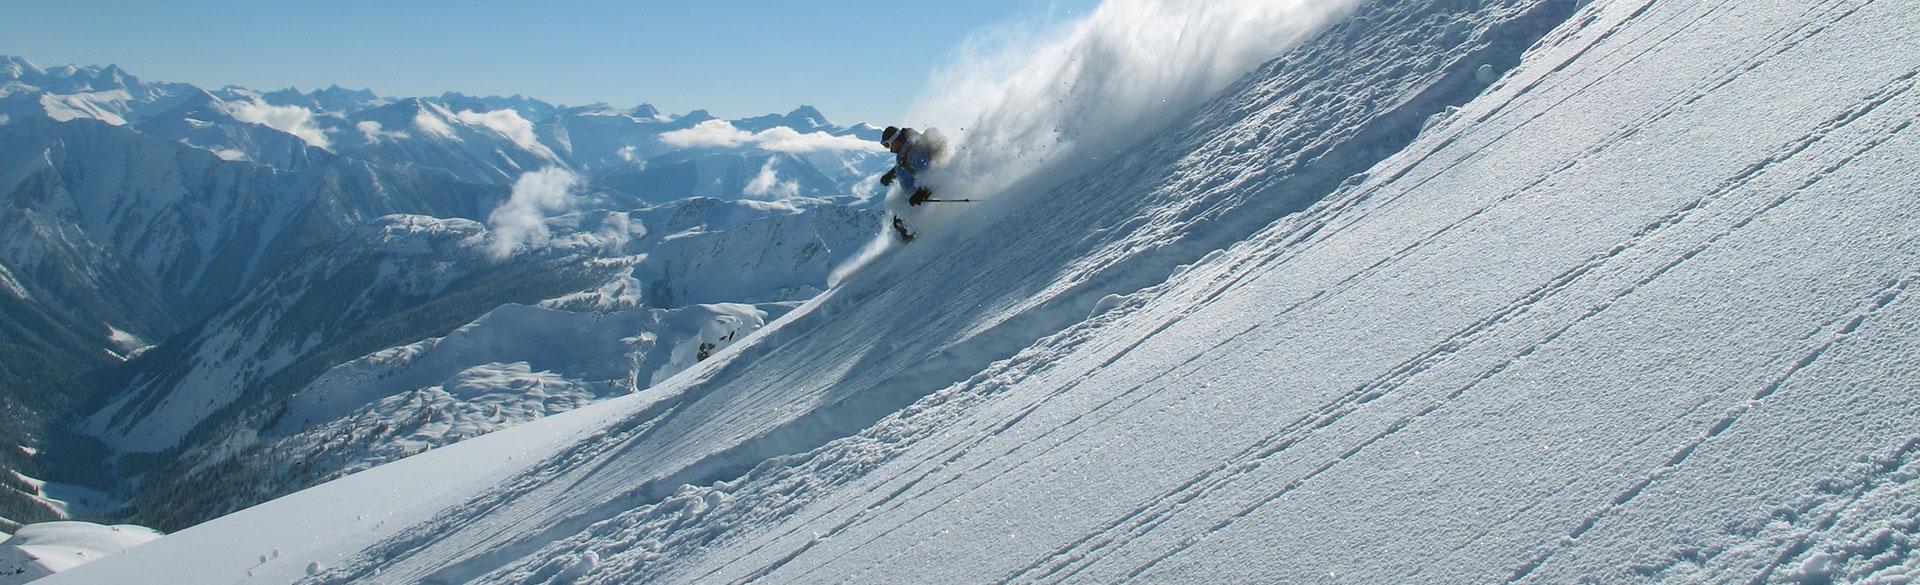 Das grösste Skitourenerlebnis der Welt